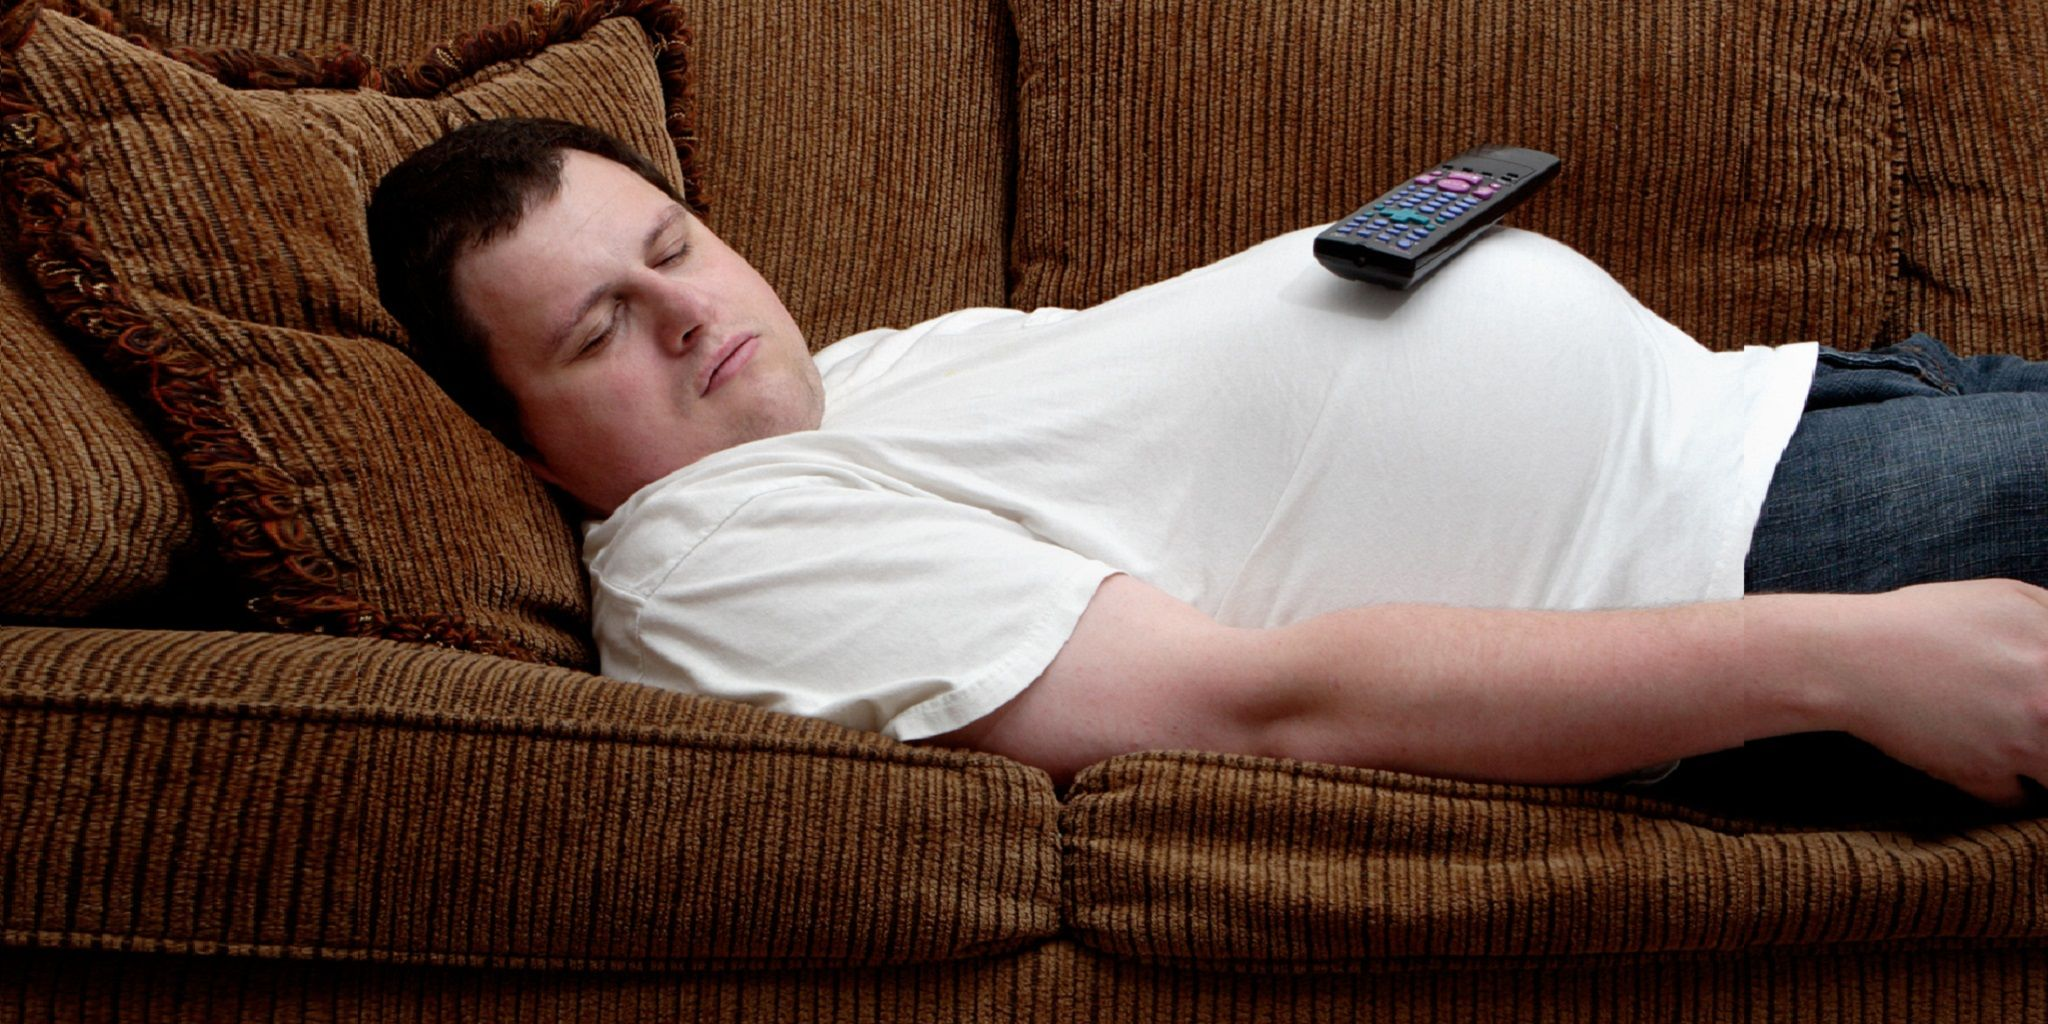 Фото мужик лежит на диване 1 фотография